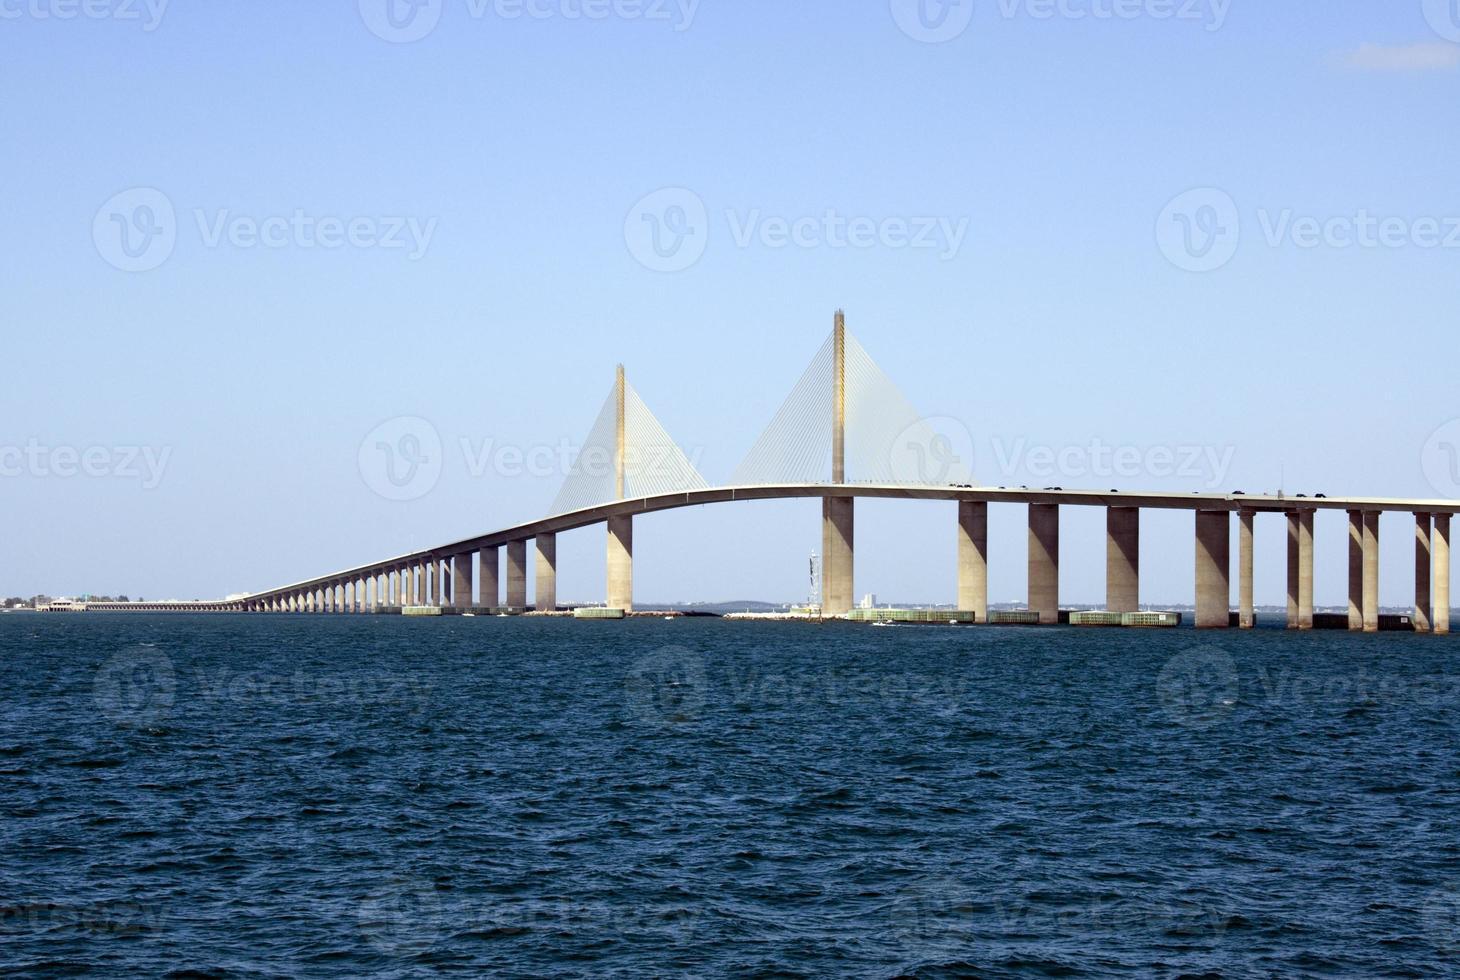 soleil sur le pont skyway à travers la mer d'un bleu profond photo